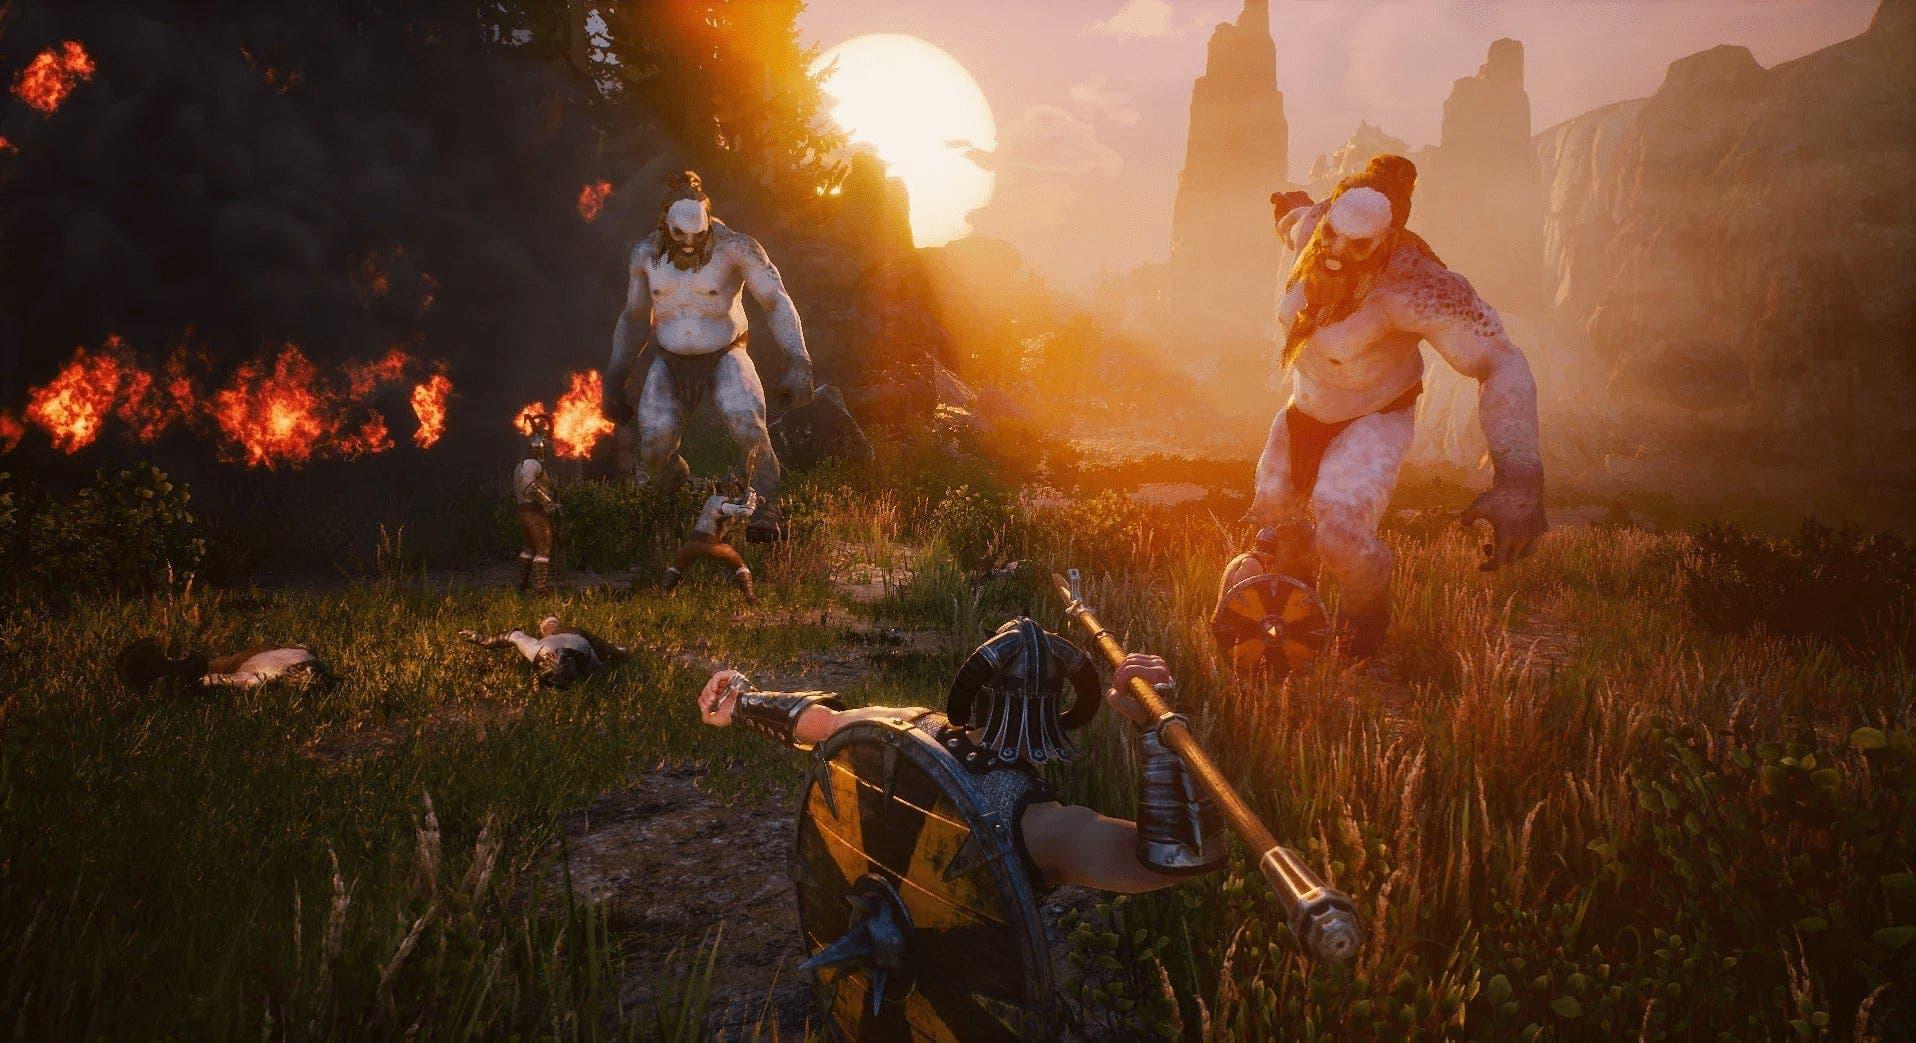 El editor de Rune II recupera el código del juego y podría volver a darle soporte 2